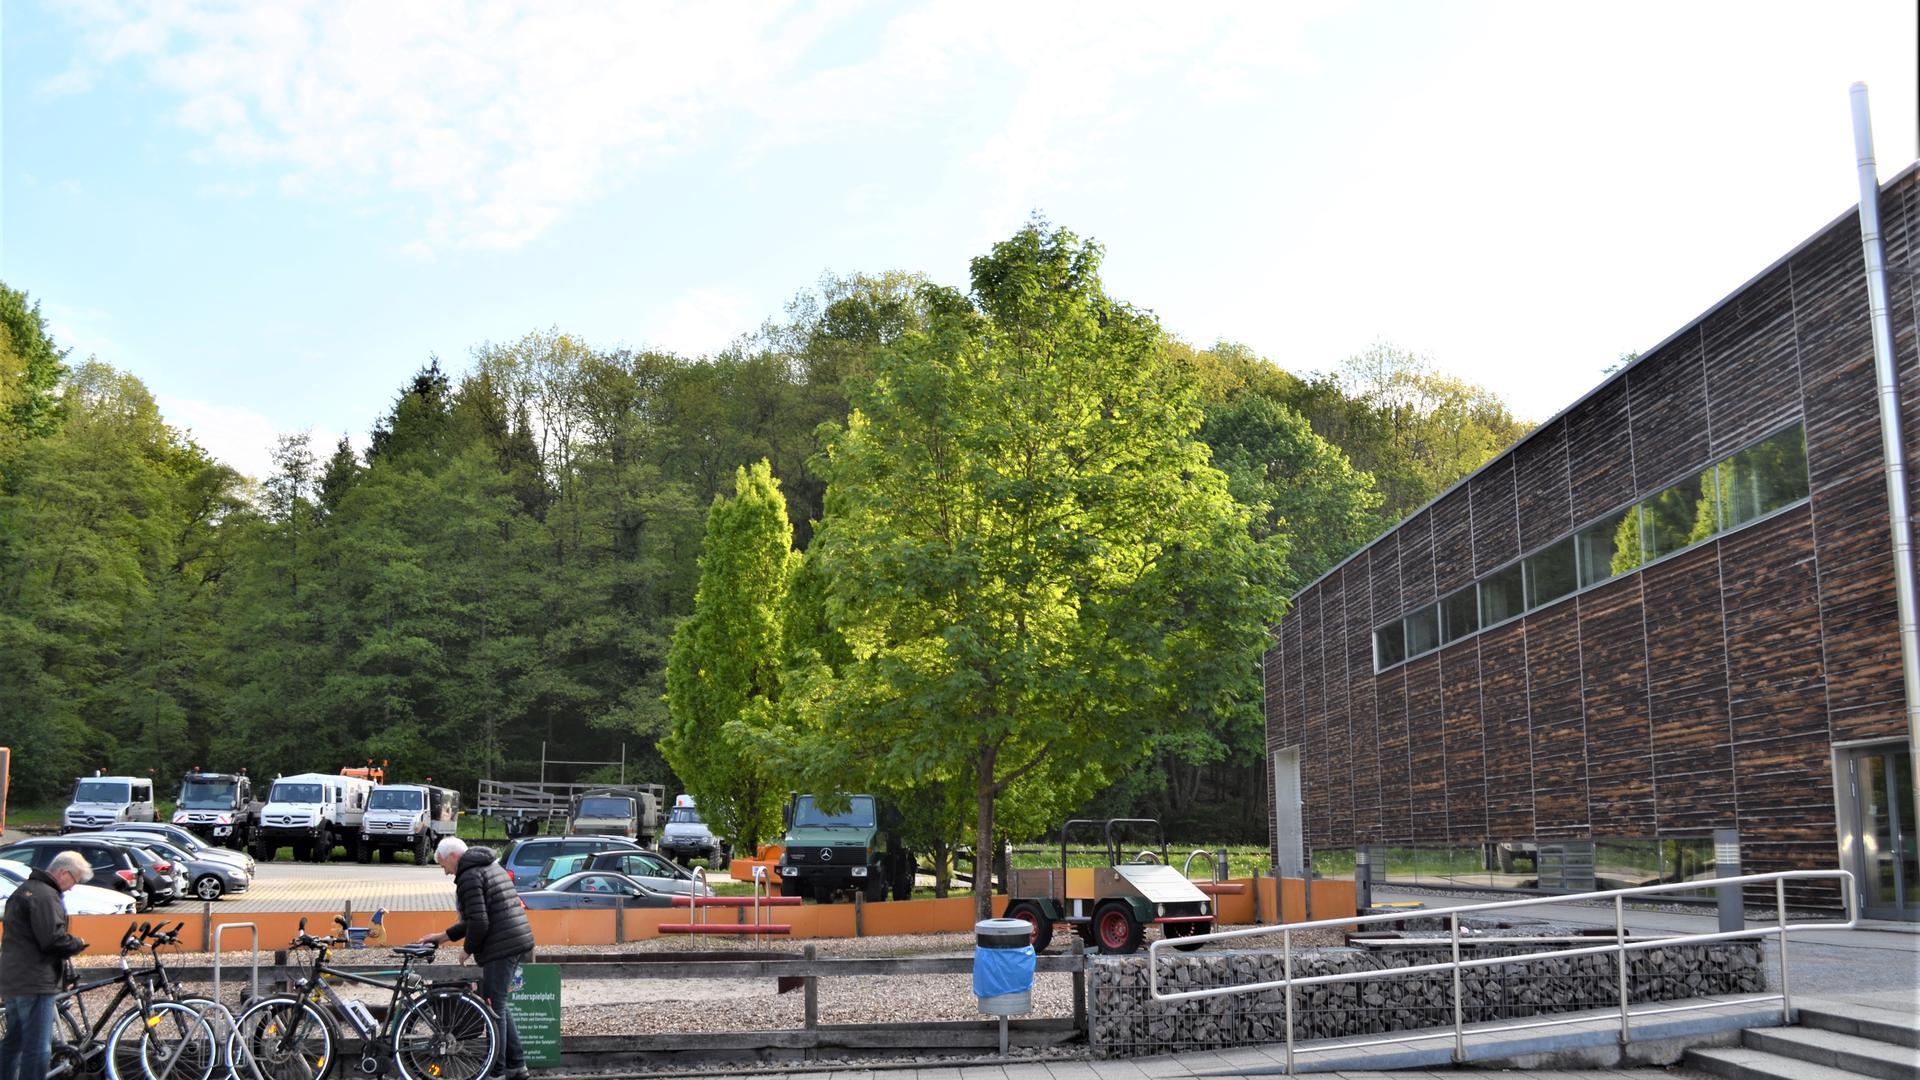 Im Erweiterungsbau des Unimog-Museum neben dem vorhandenen Gebäude soll auch eine 200 Quadratmeter große Fläche entstehen, auf der dauerhaft die städtische Industriegeschichte präsentiert wird.